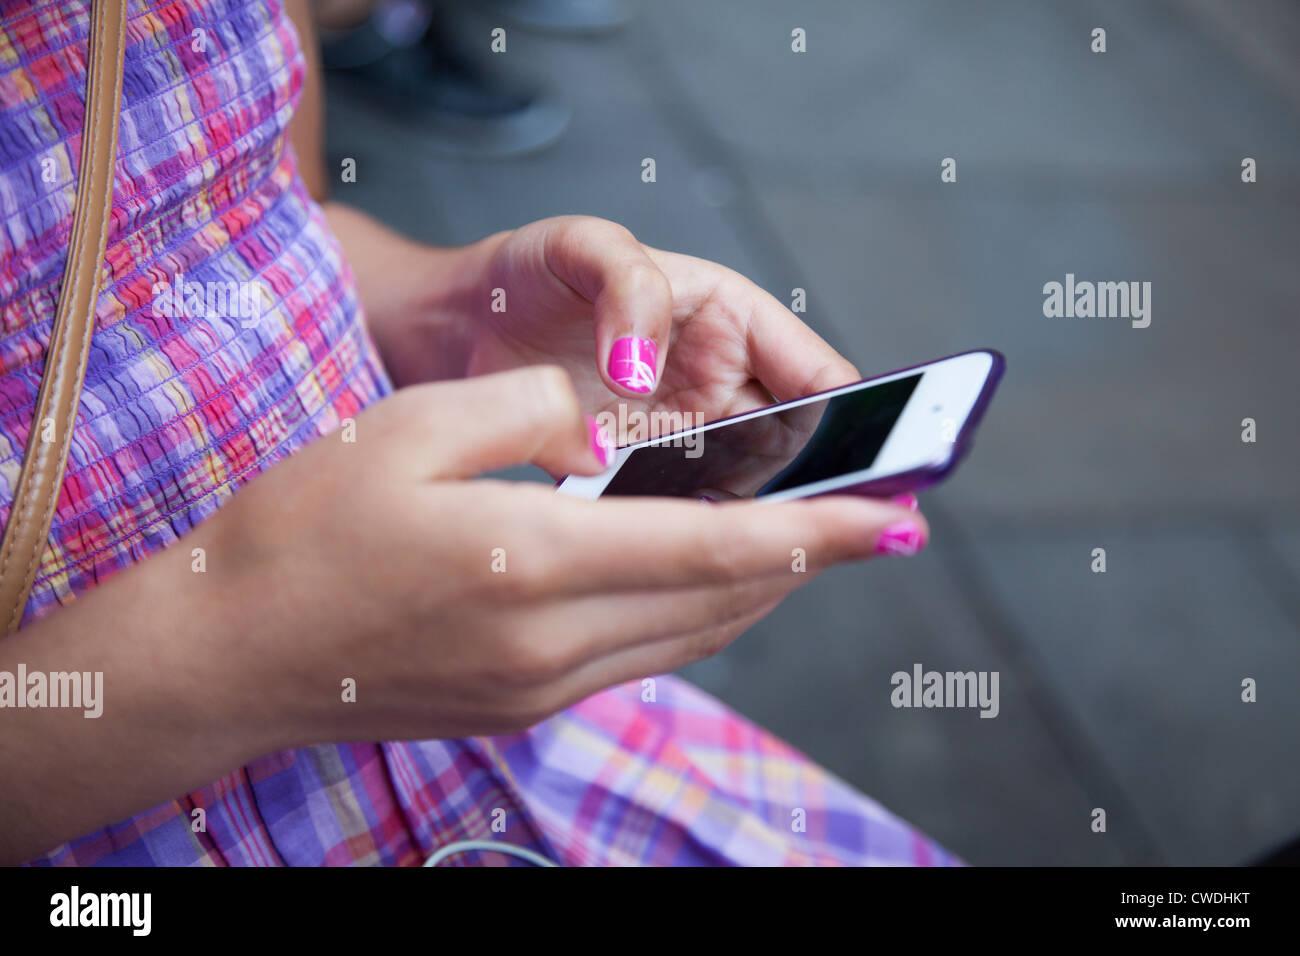 Jeune fille,avec des ongles peints envoie un message sur l'écran tactile smart phone-close-up Banque D'Images